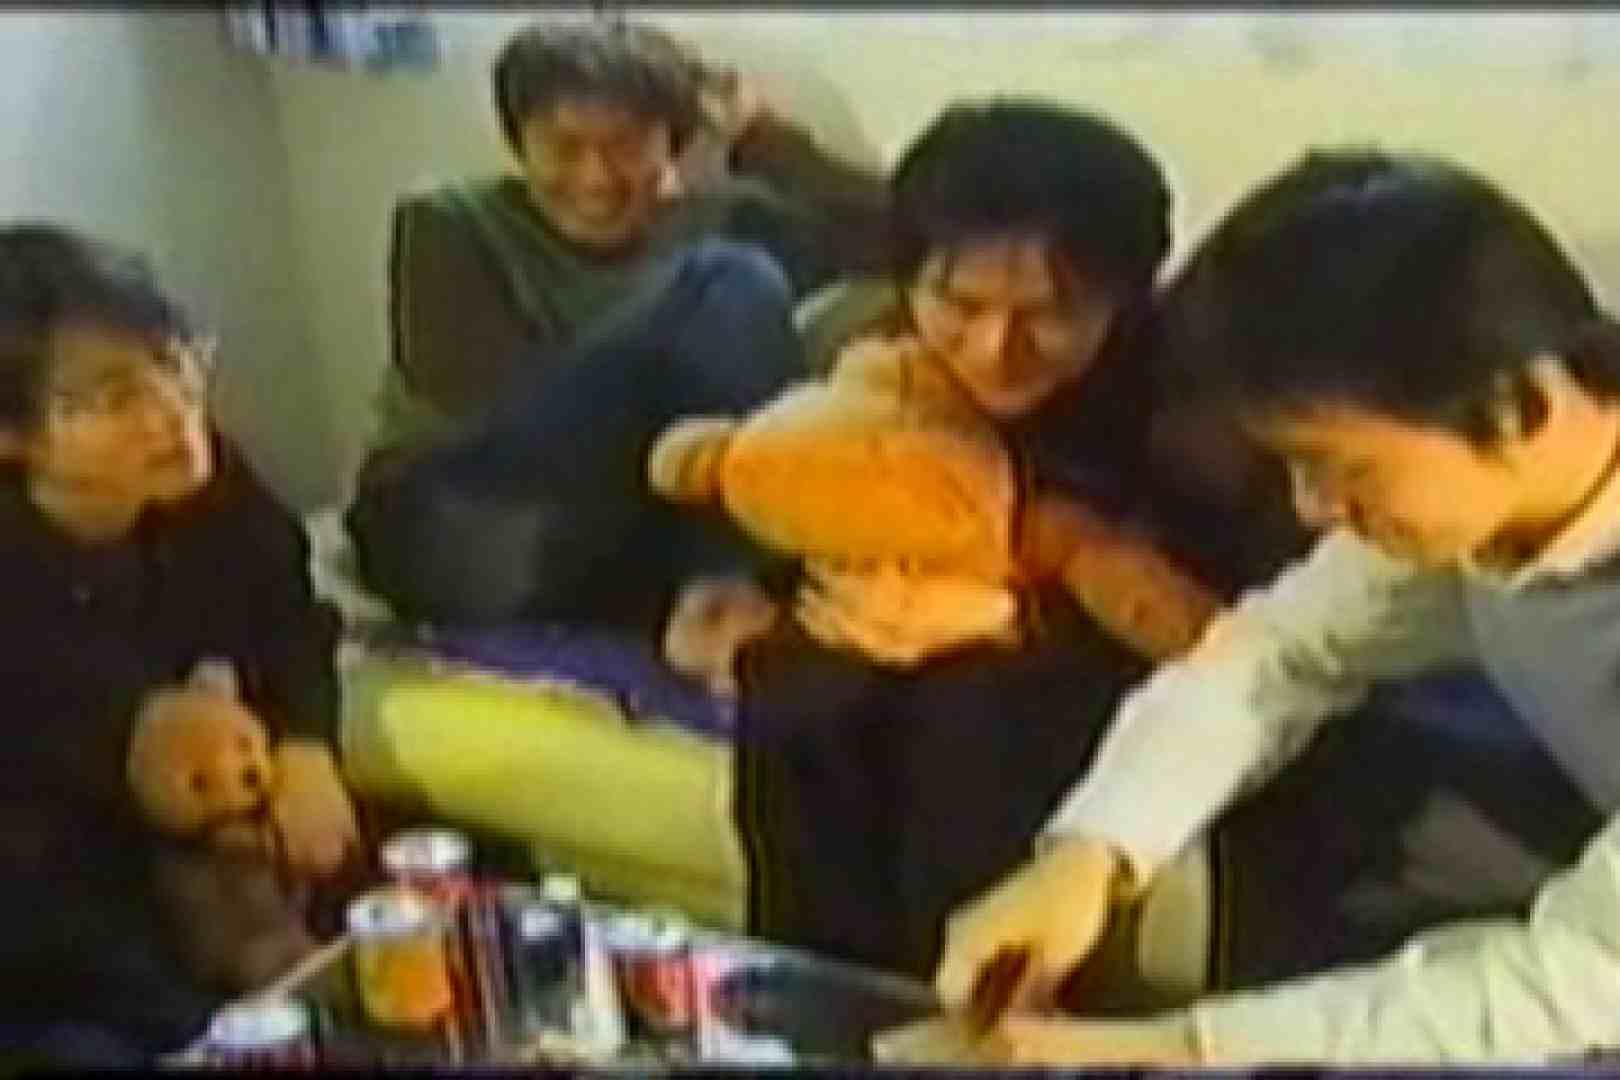 【流出】若者たちの集い 企画 男同士動画 48pic 15